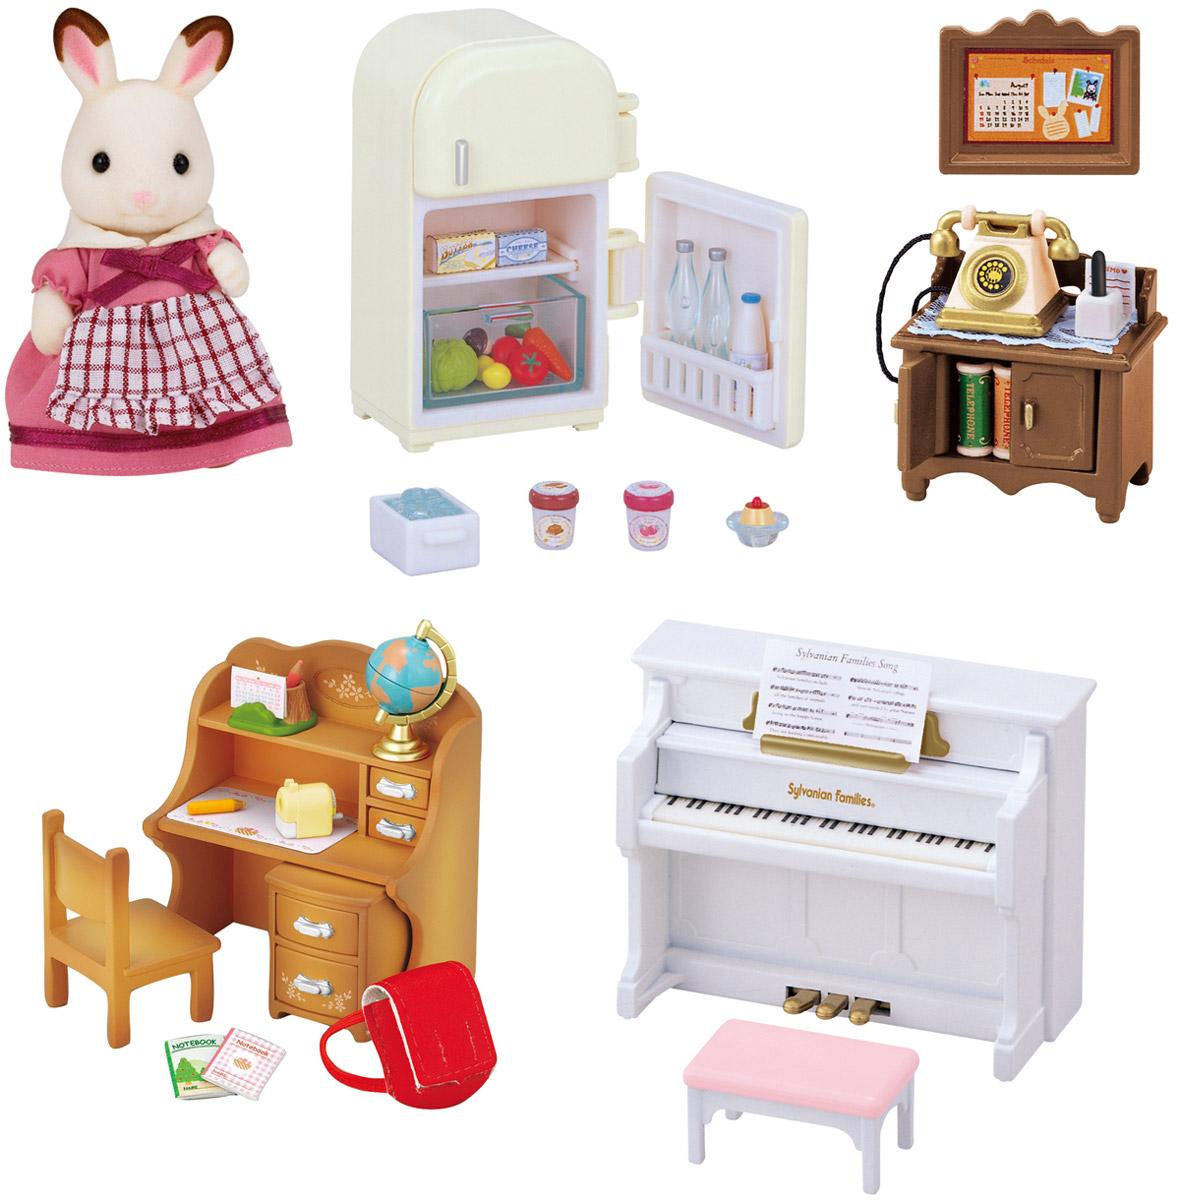 Sylvanian Families Игровой набор Мебель для дома Марии игровой набор sylvanian families холодильник с продуктами 3566